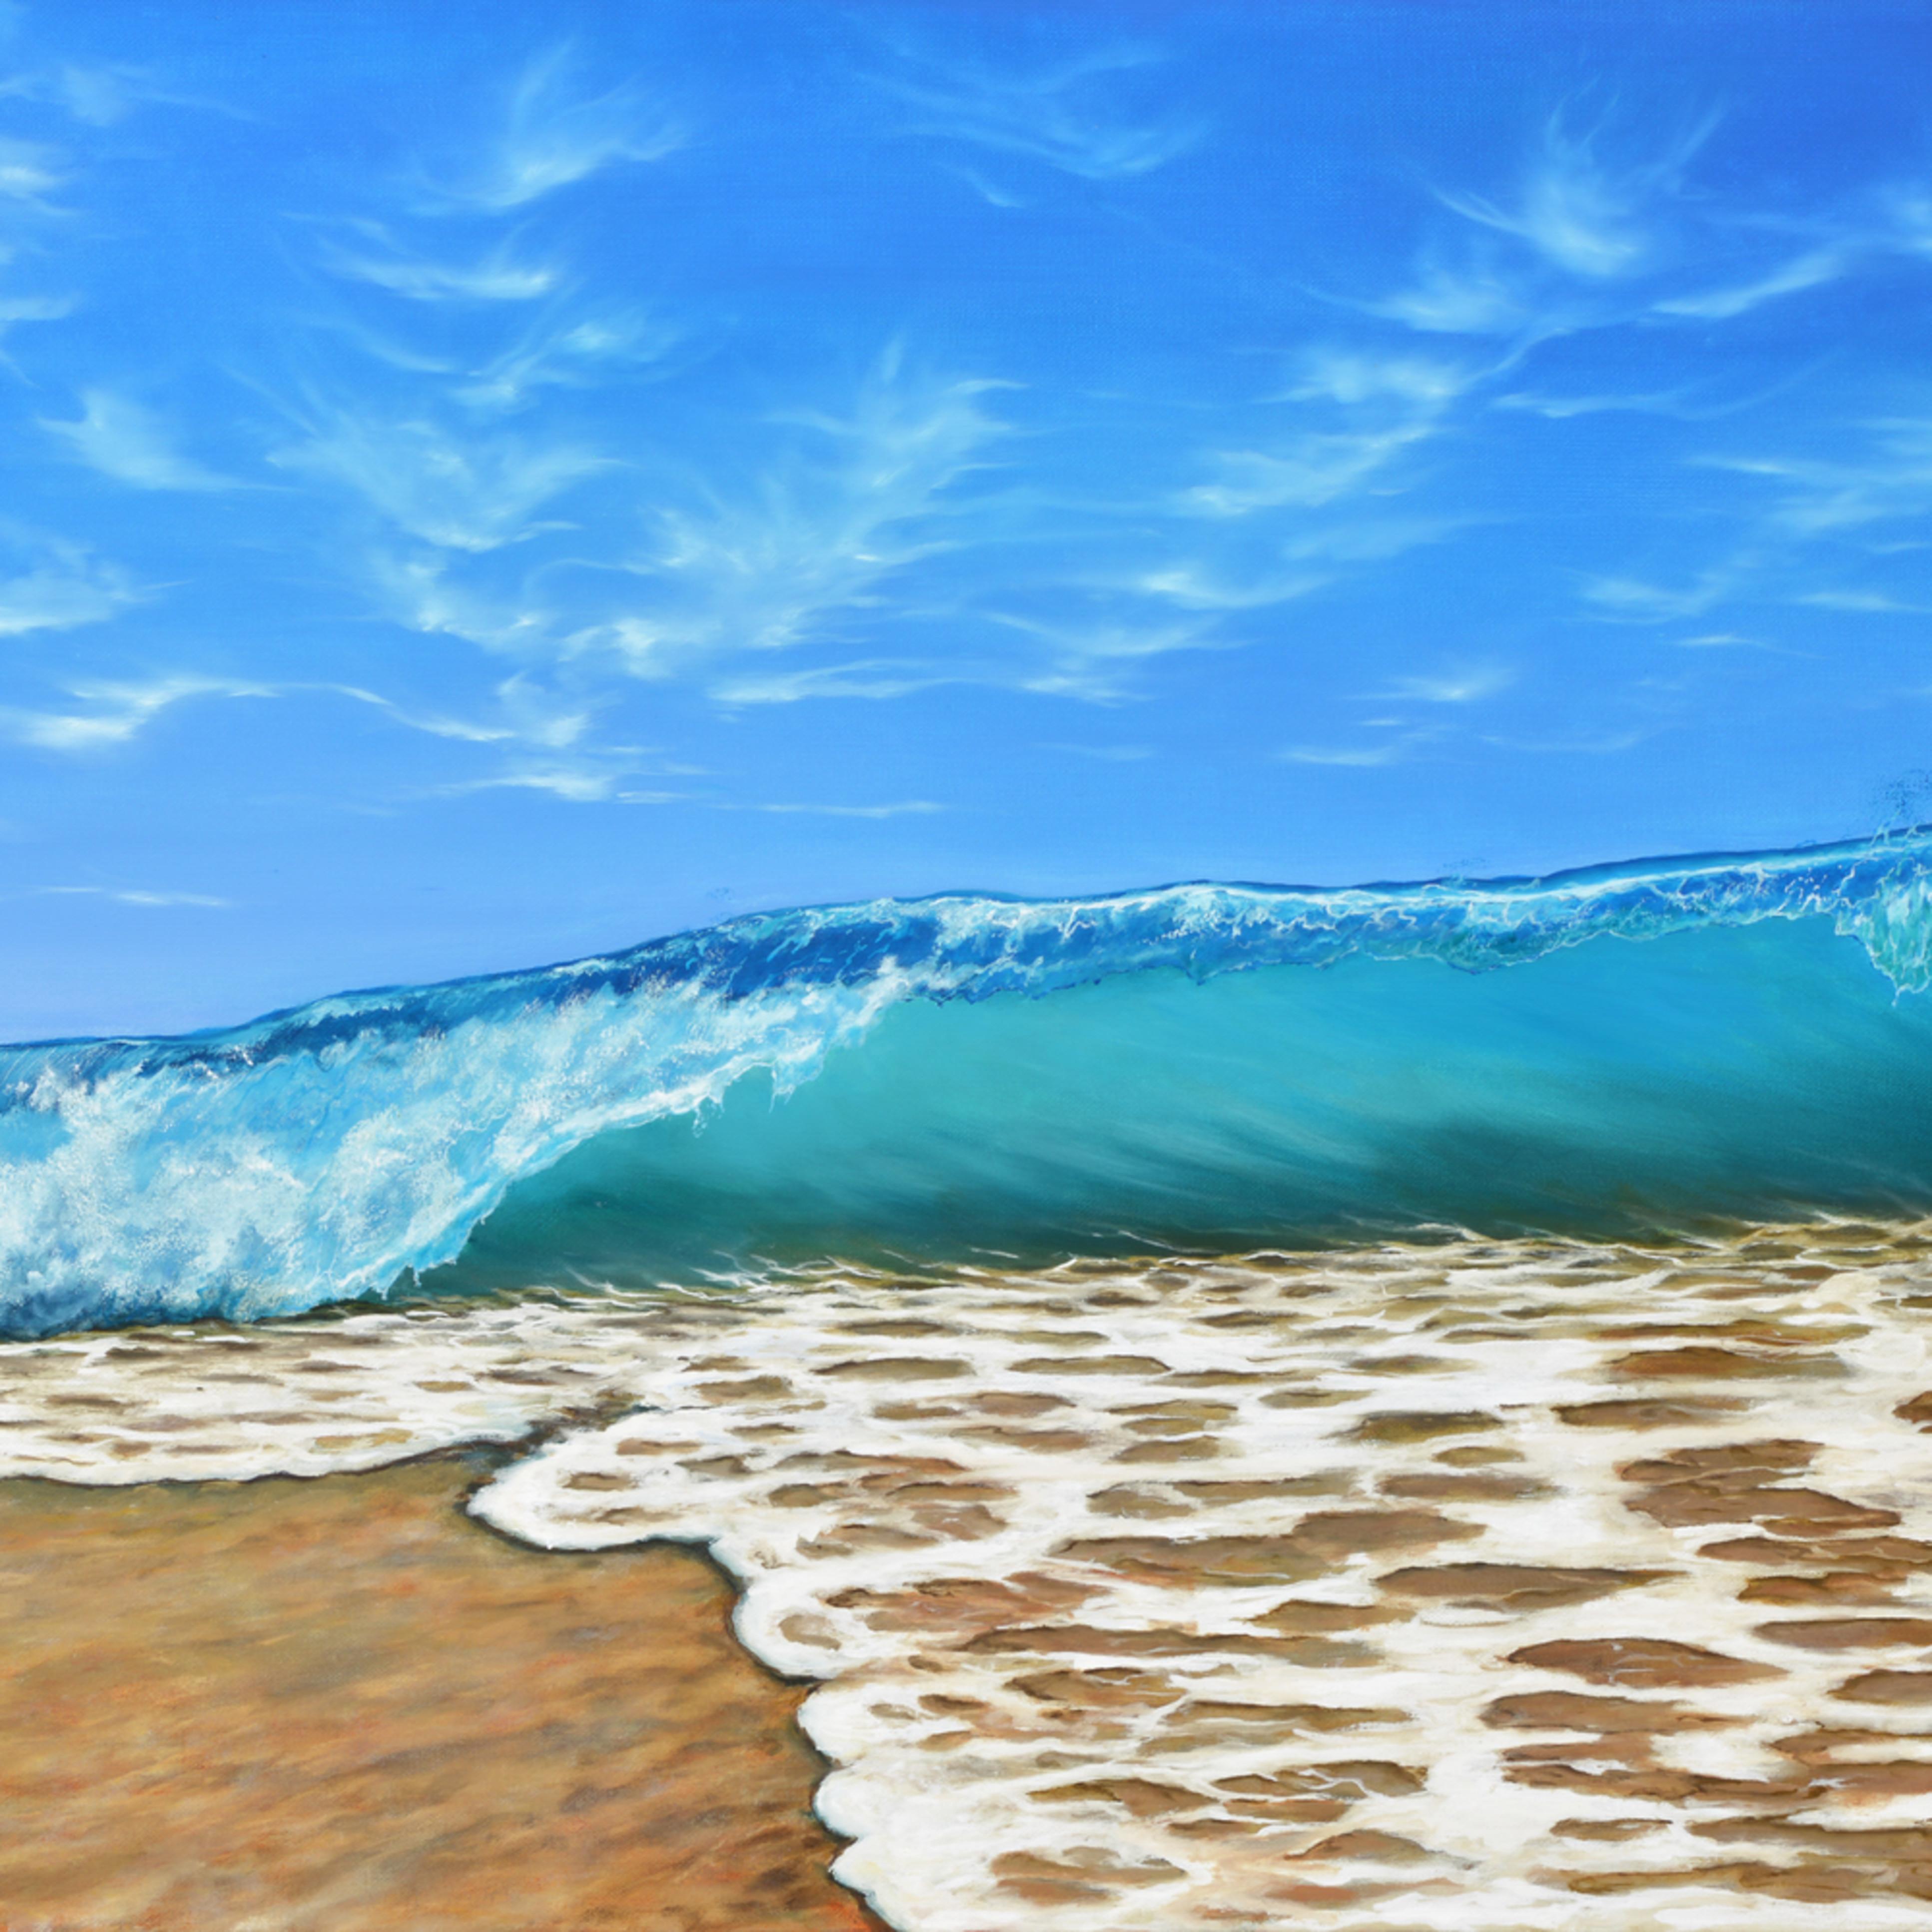 05  beach walk oil on canvas by monica marquez gatica mmg art studio ag08wy